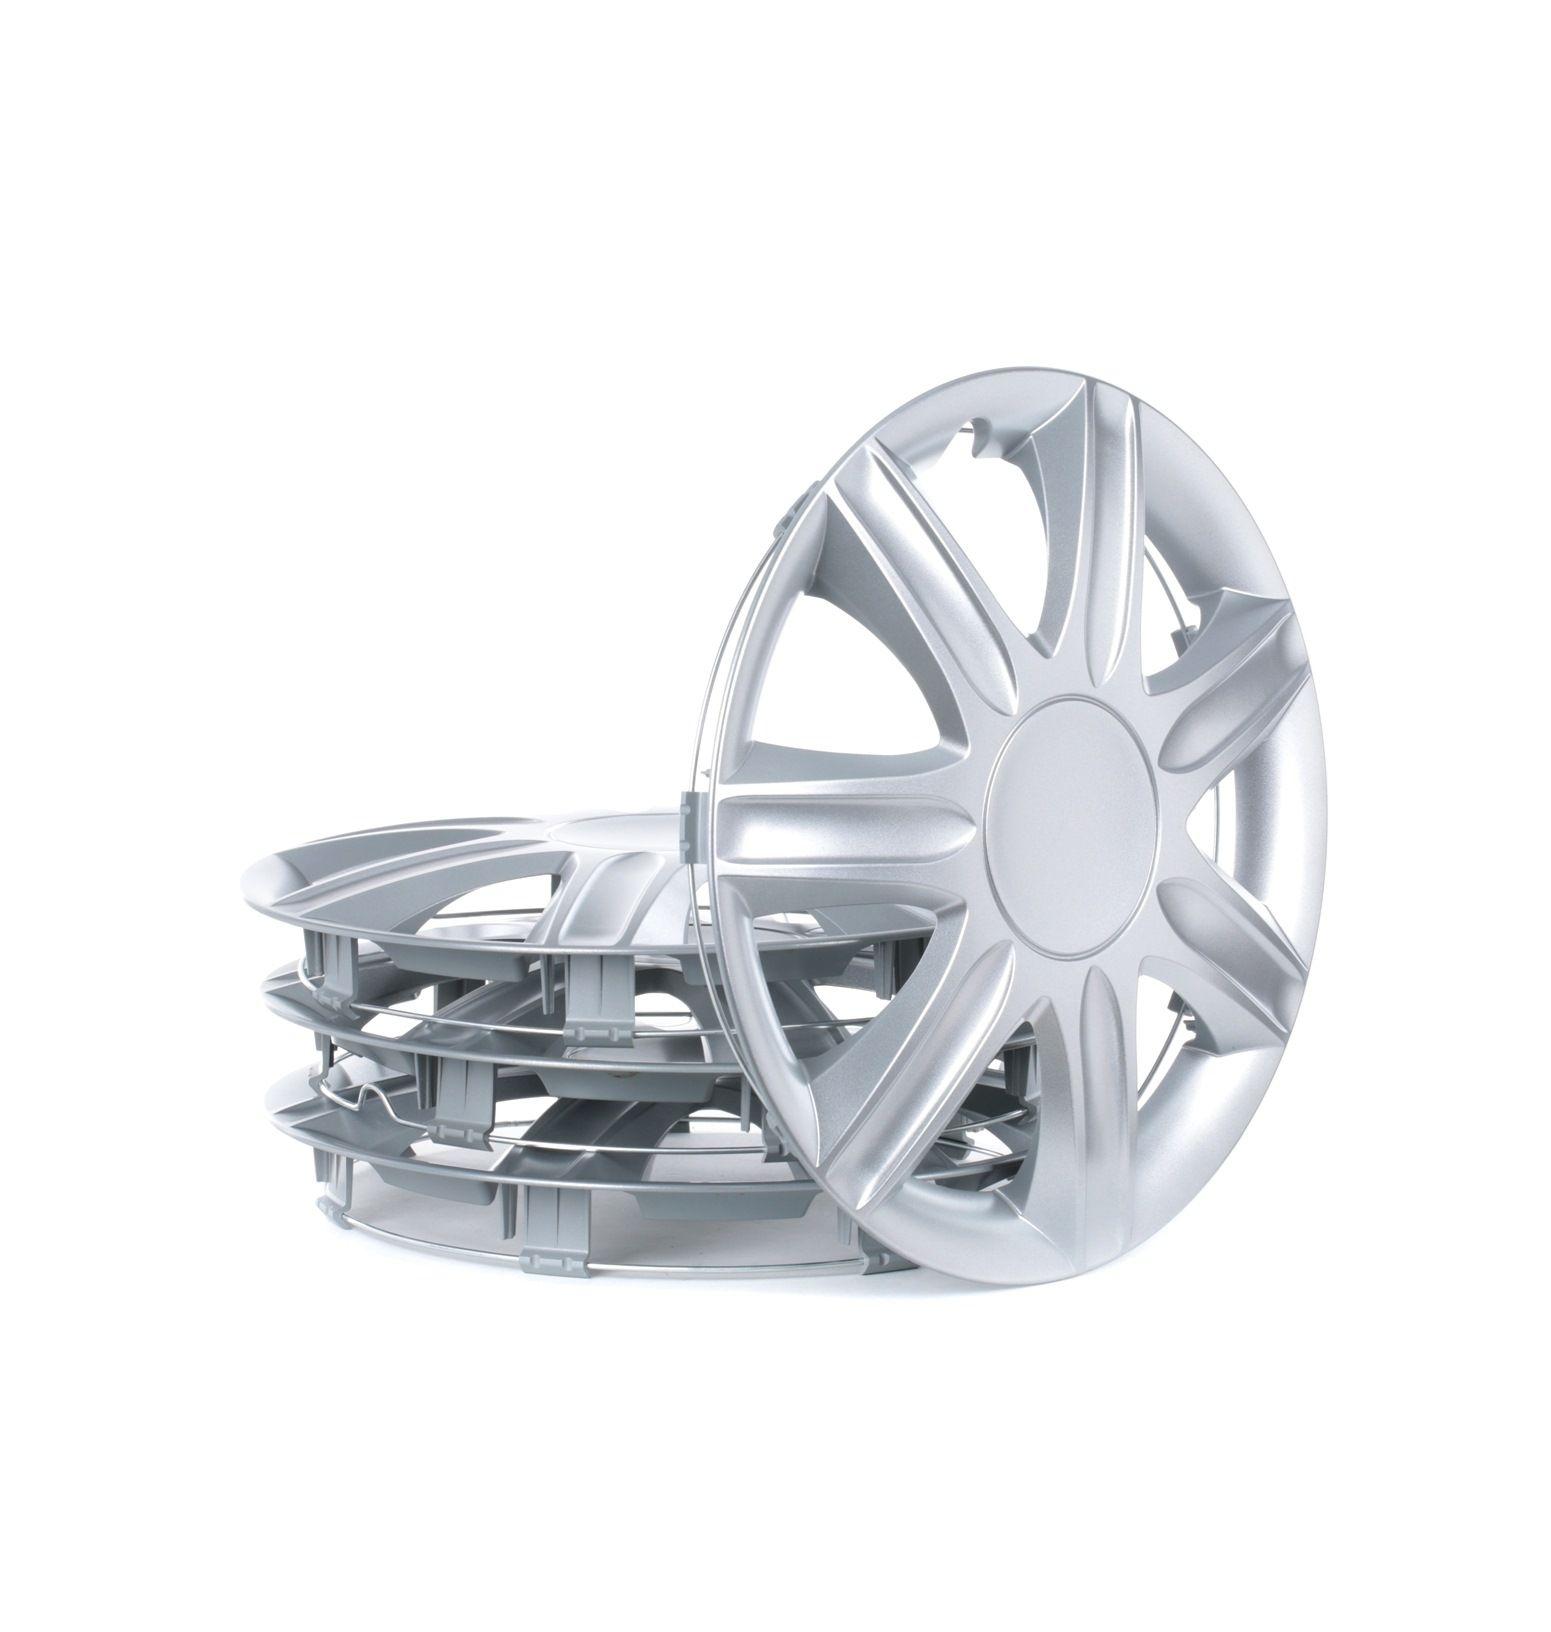 Comprare RUBIN 13 LEOPLAST argento, 13 Inch Unità quantitativa: Serie / Kit Copricerchi RUBIN 13 poco costoso